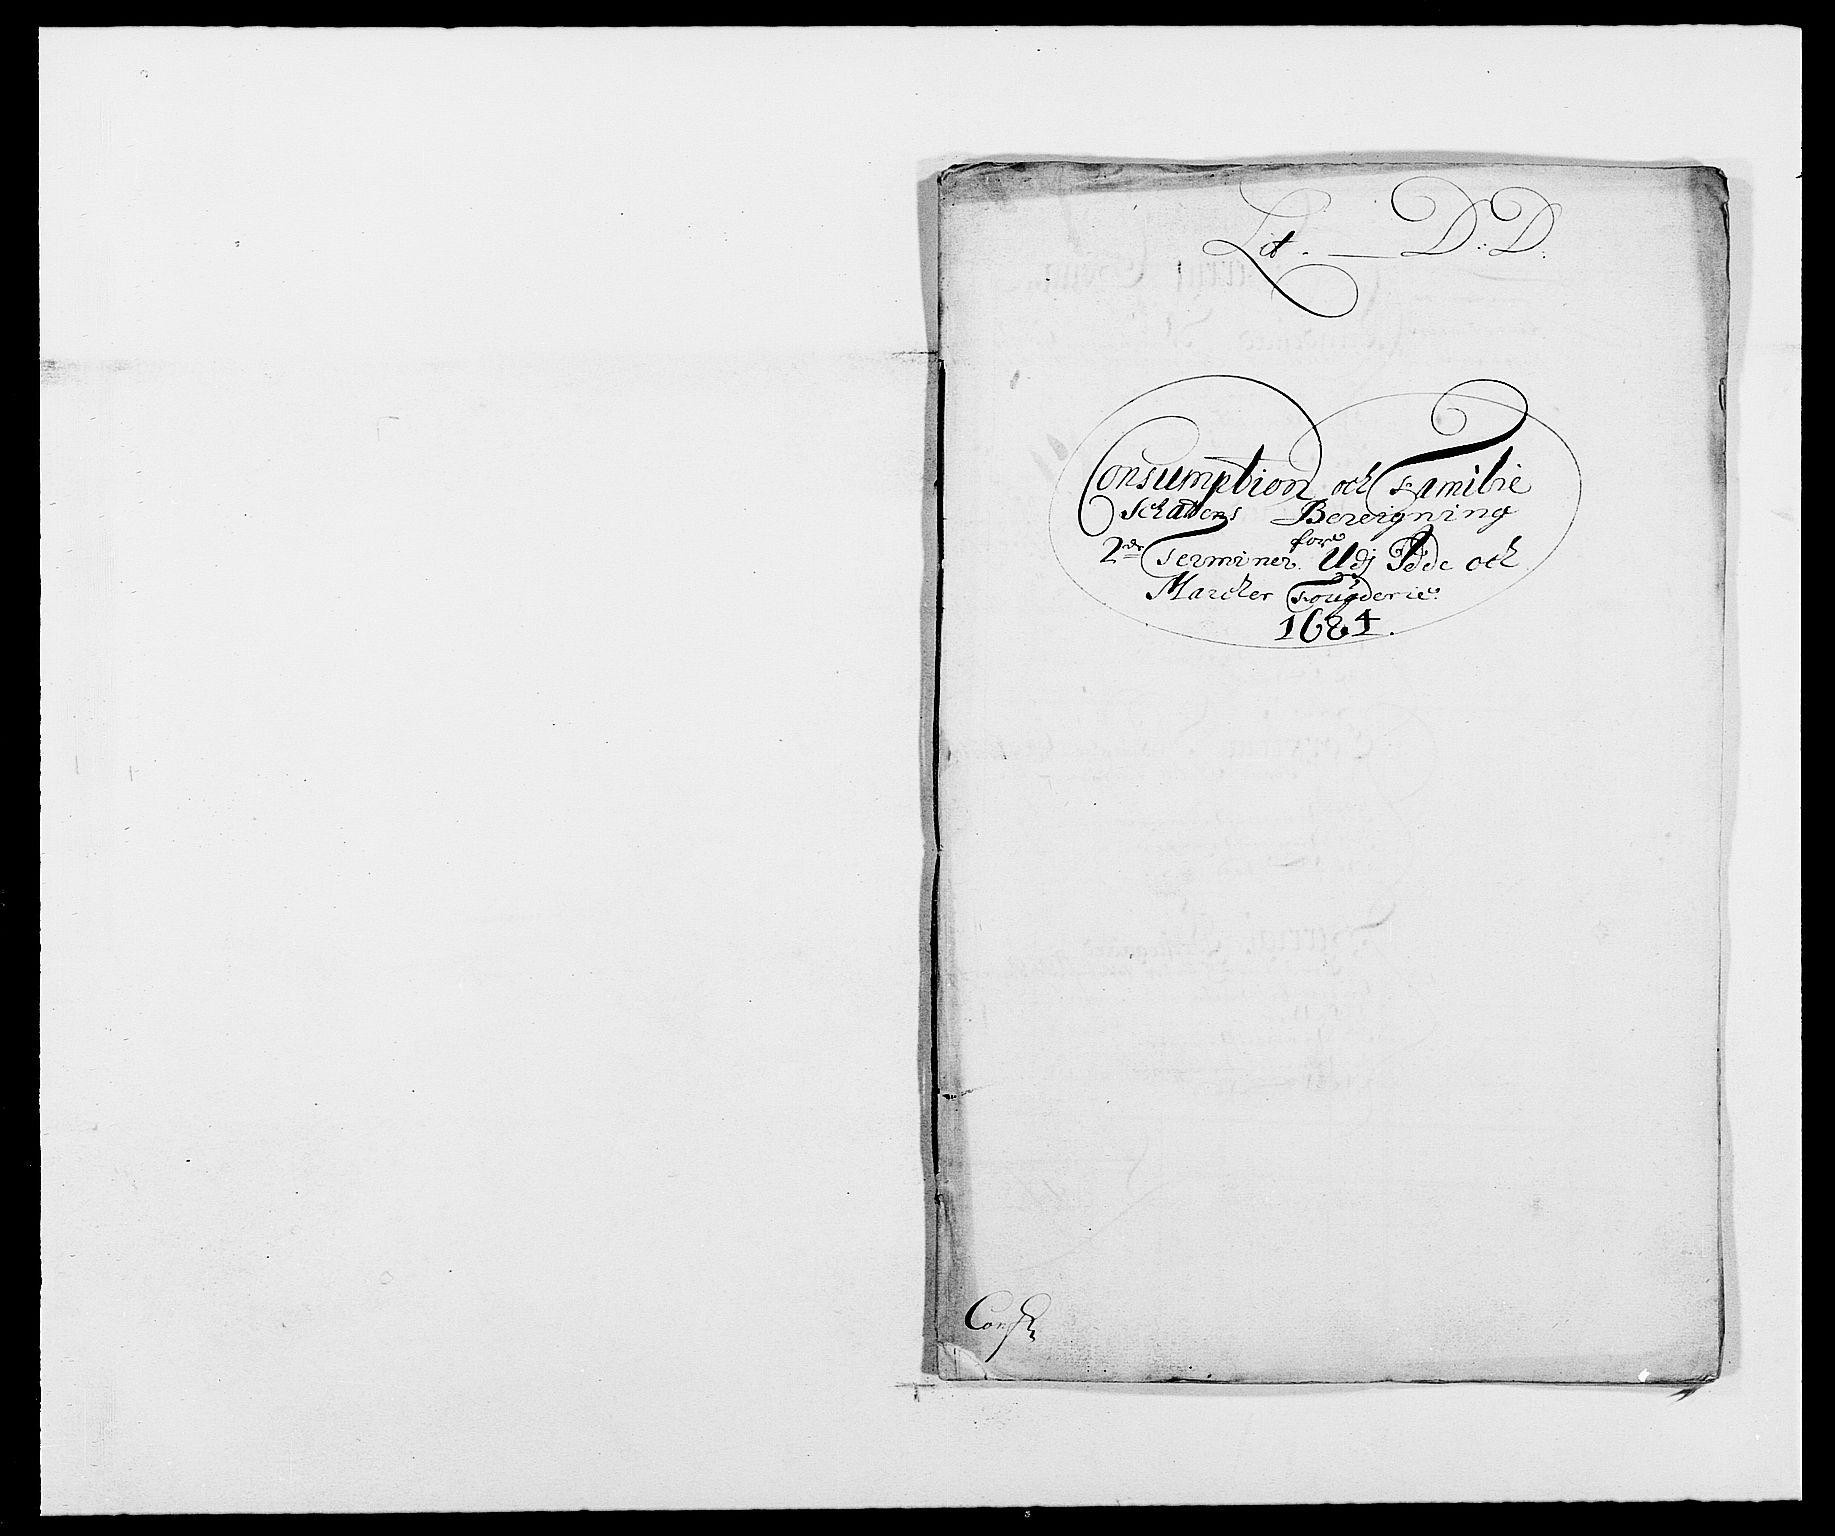 RA, Rentekammeret inntil 1814, Reviderte regnskaper, Fogderegnskap, R01/L0005: Fogderegnskap Idd og Marker , 1682-1684, s. 174